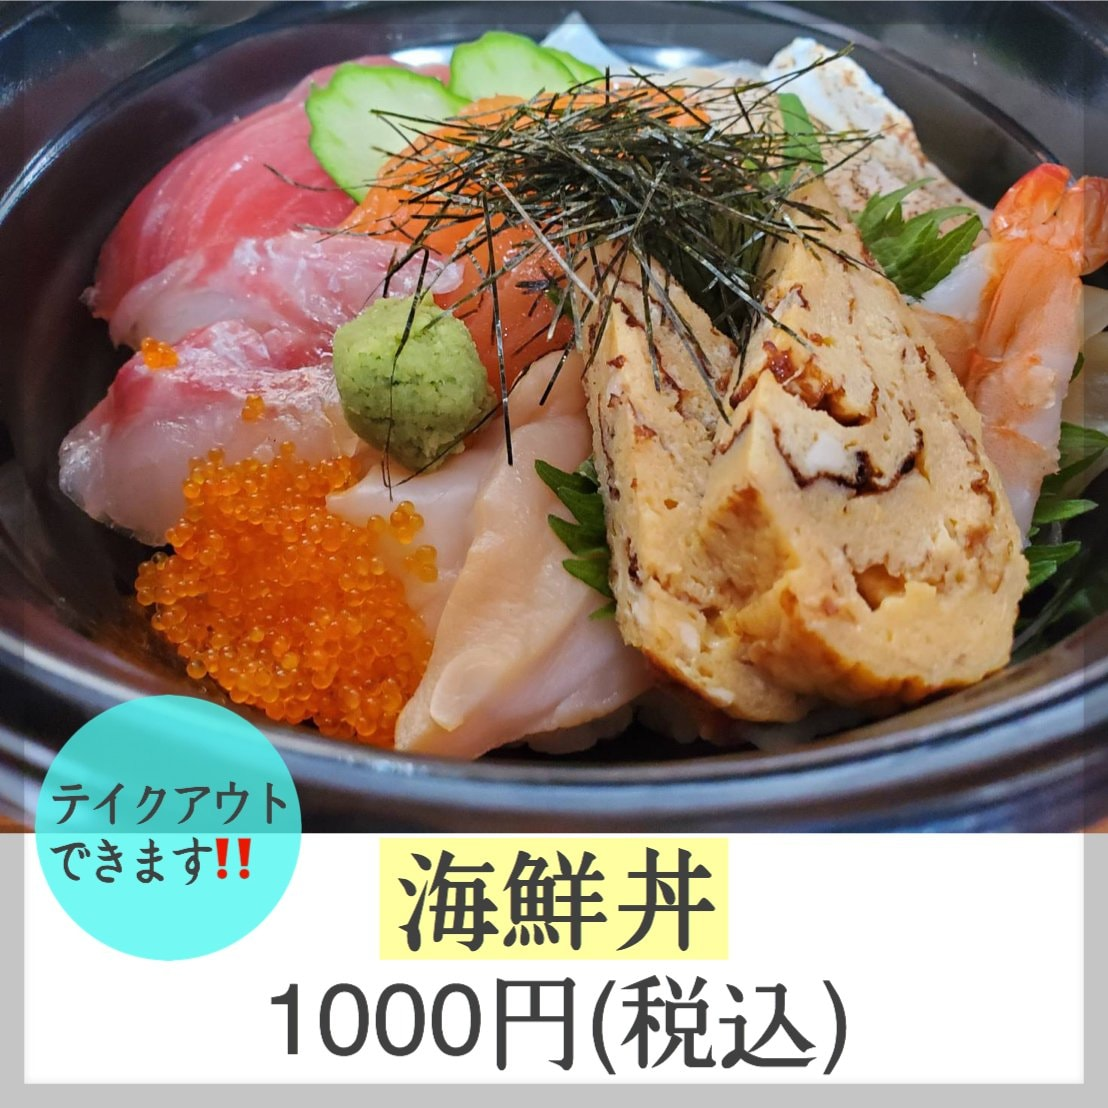 [テイクアウト]海鮮丼1000円のイメージその1